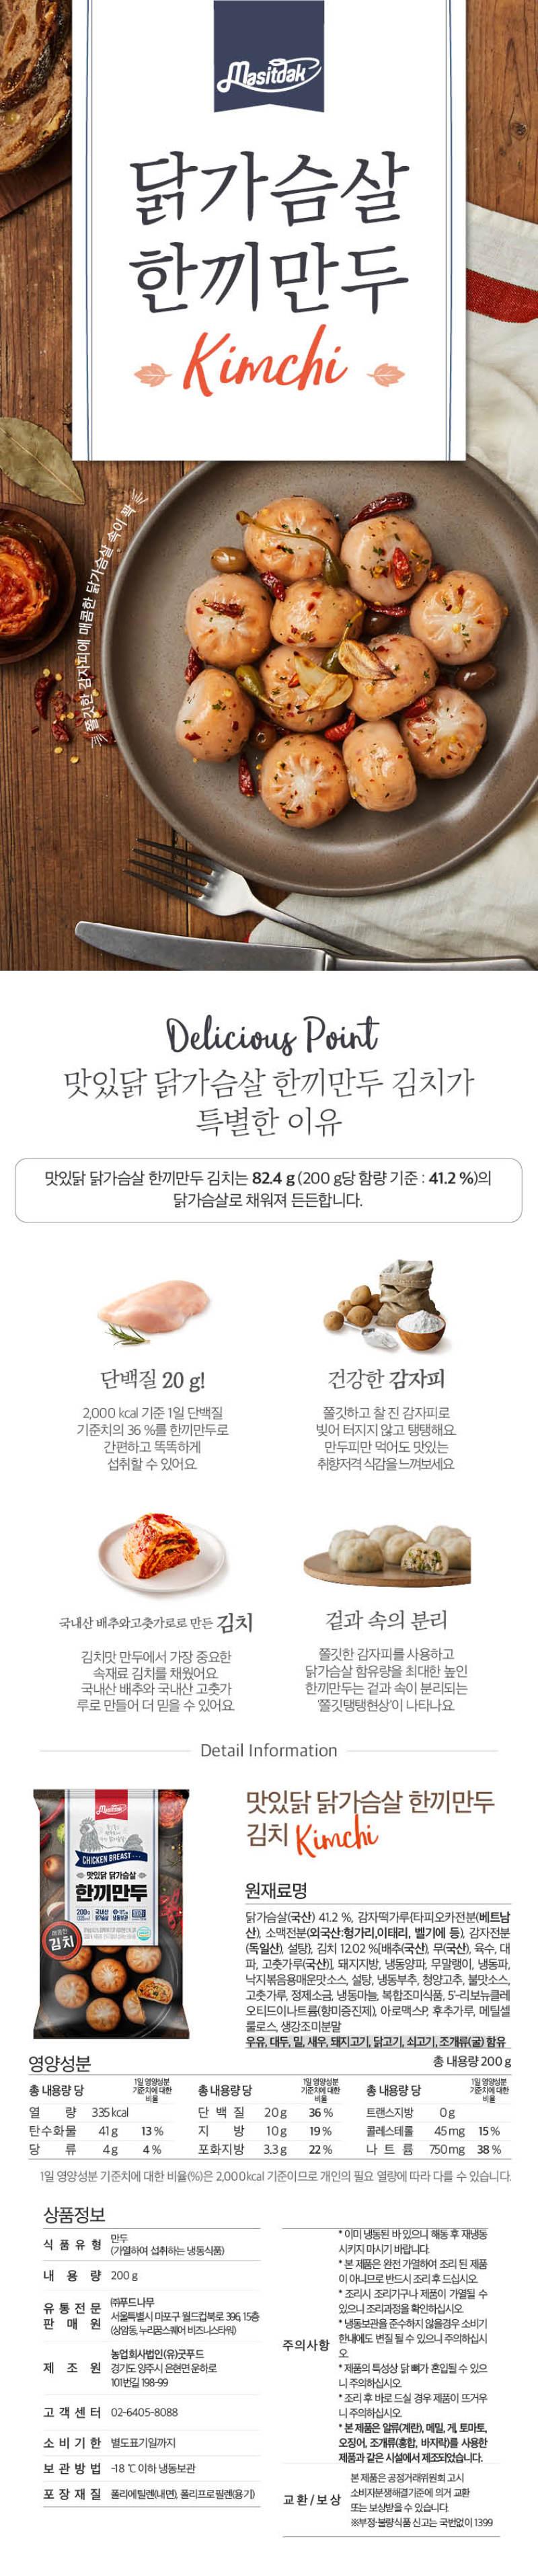 맛있닭_만두_김치